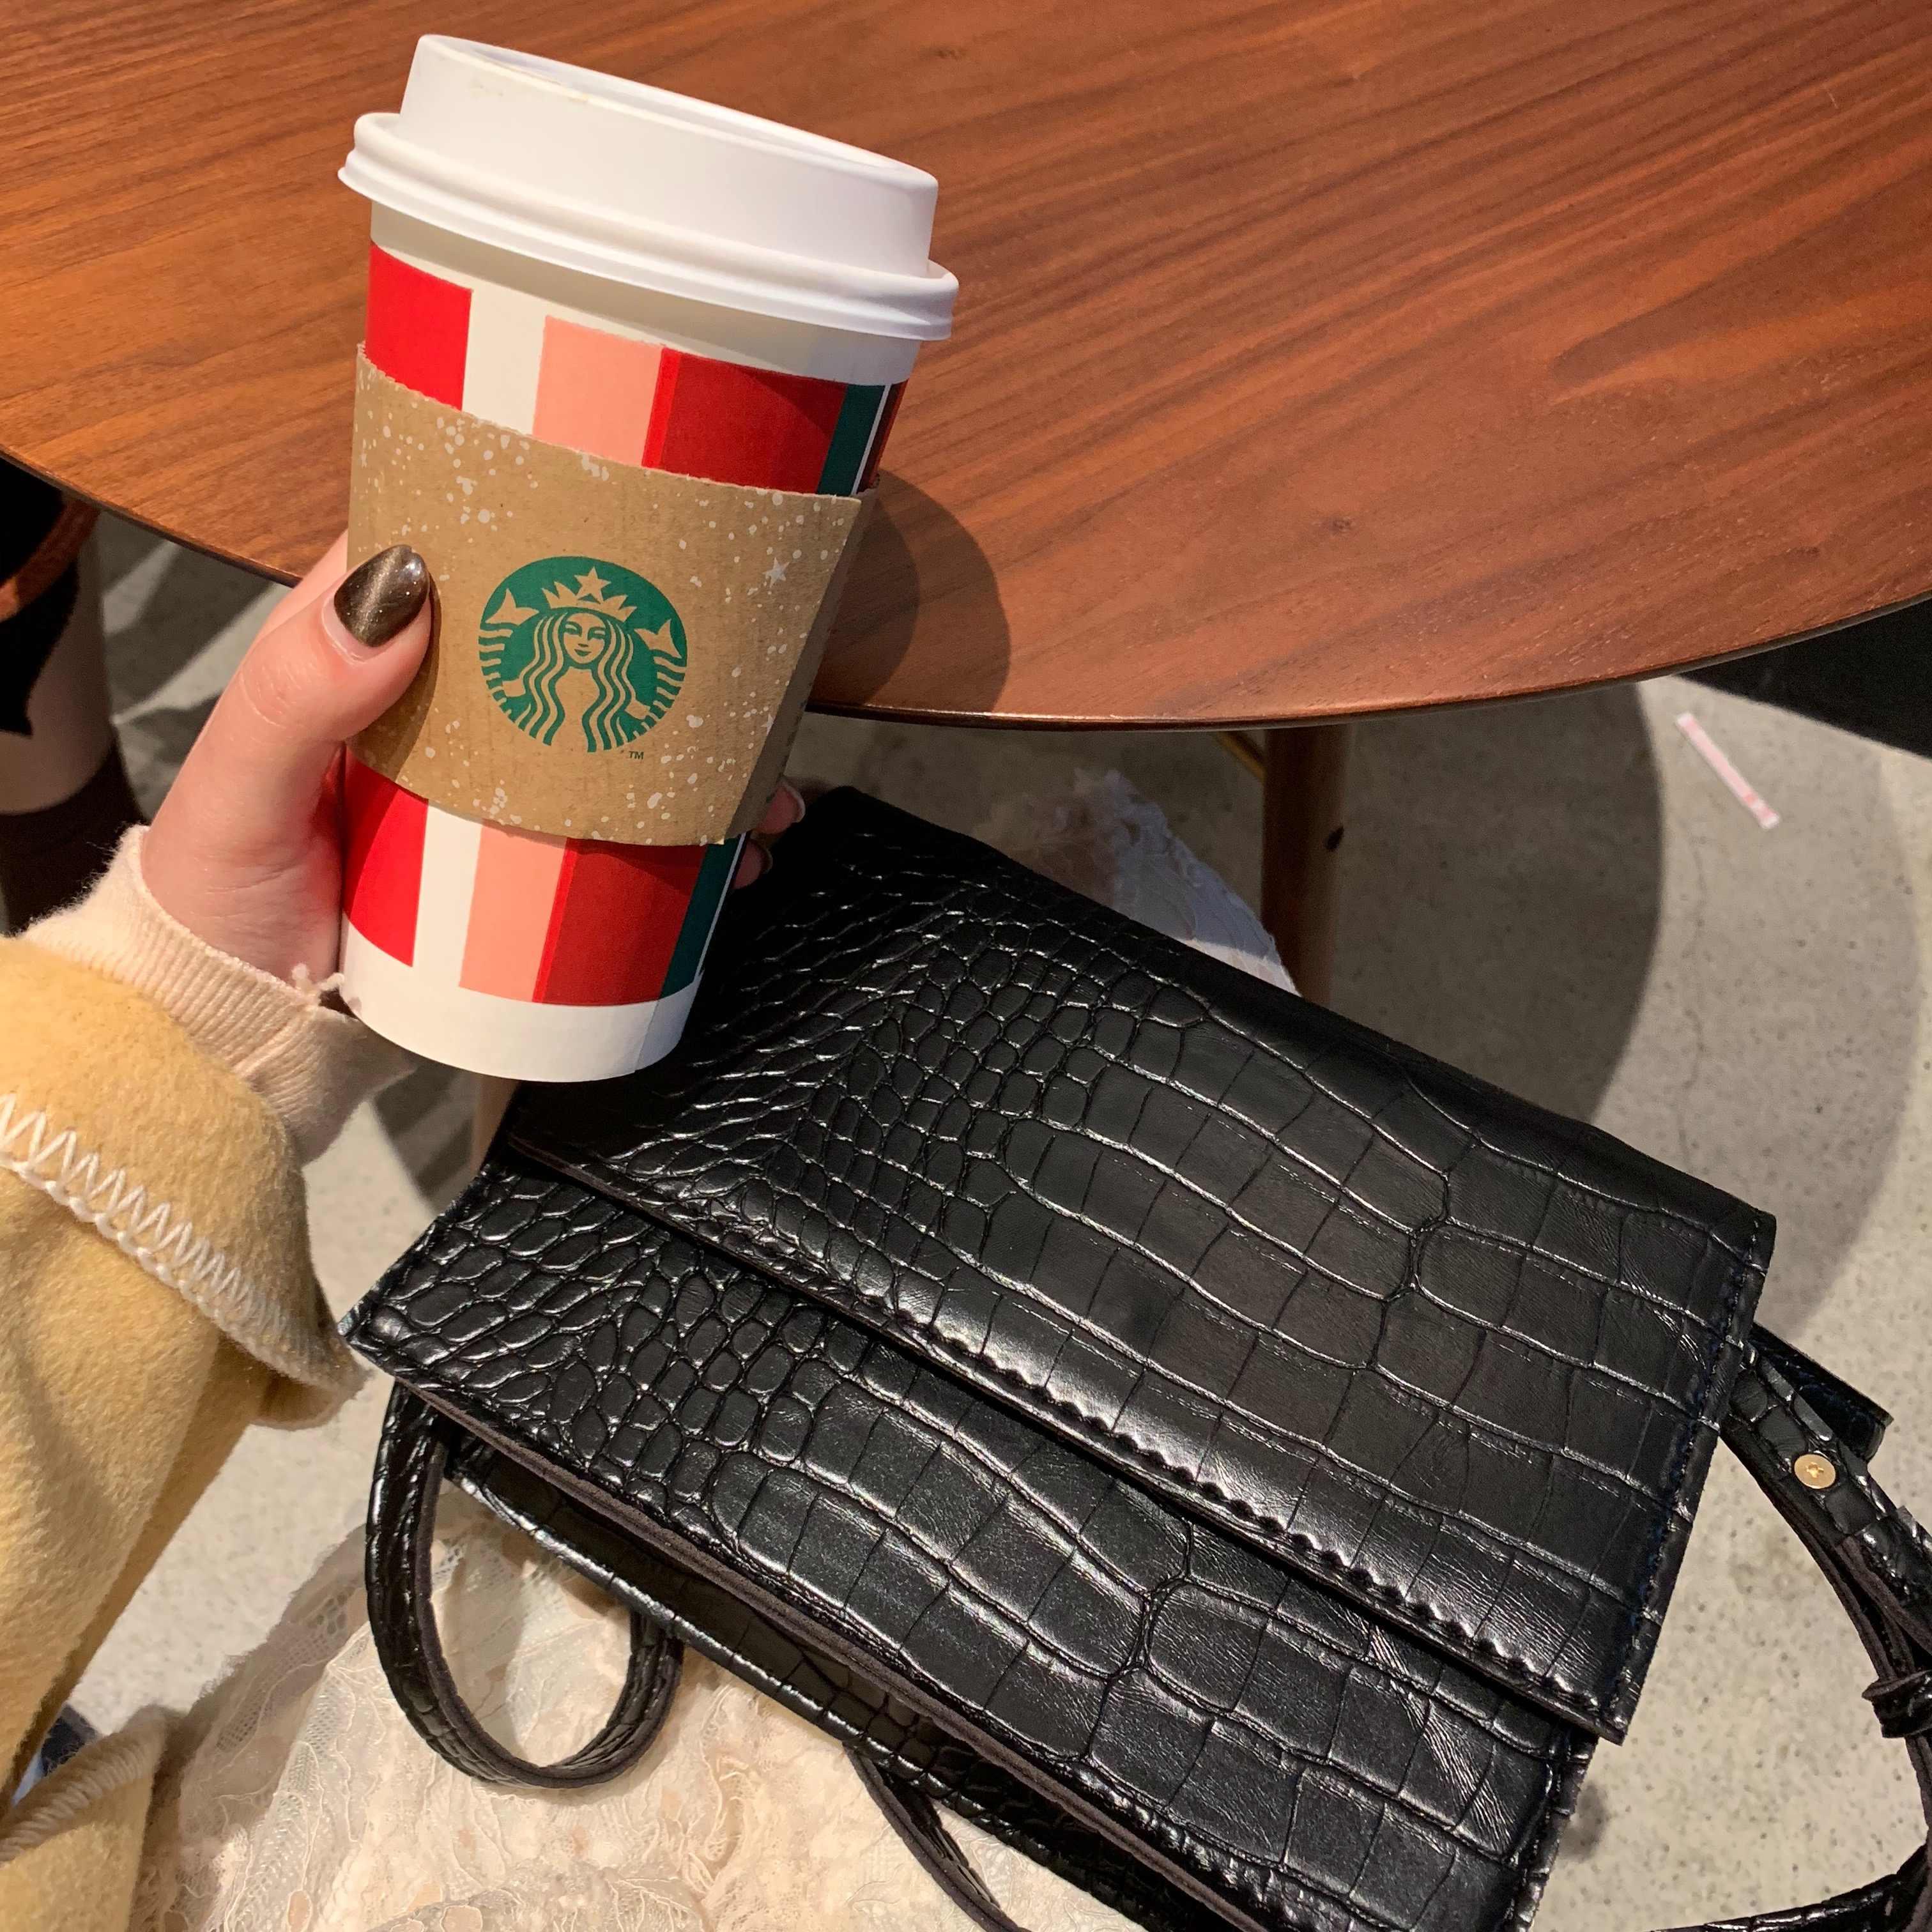 Bolsos De Mujer 2018 cocodrilo pequeño bolso cuadrado bolso bandolera Bolsa femenina bolsos de diseñador de marca famosa Bolsos De Mujer